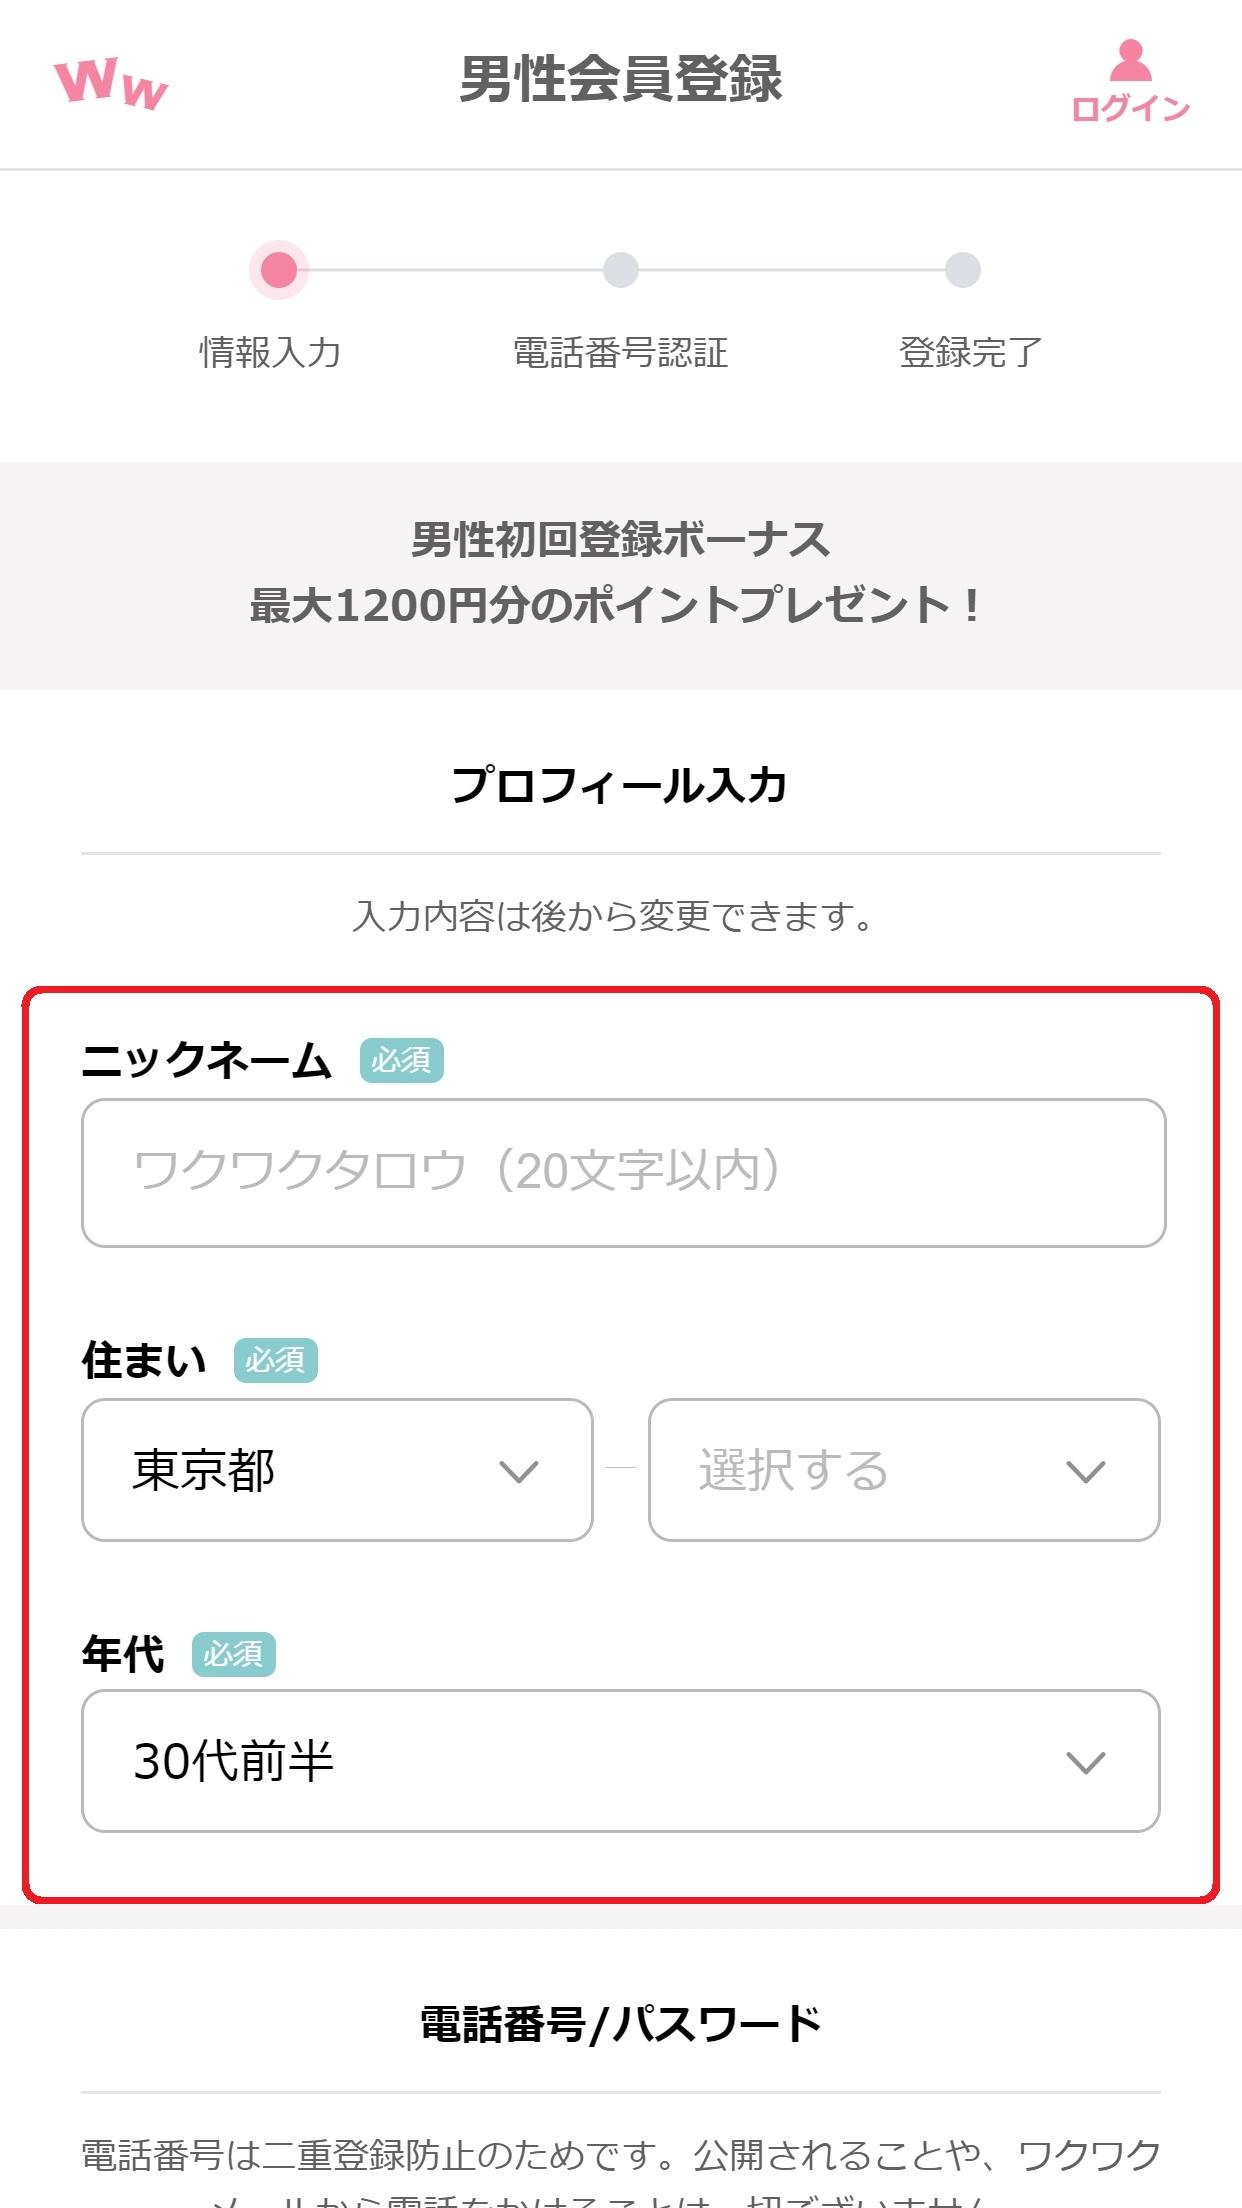 ワクワクメール 登録 プロフィール入力